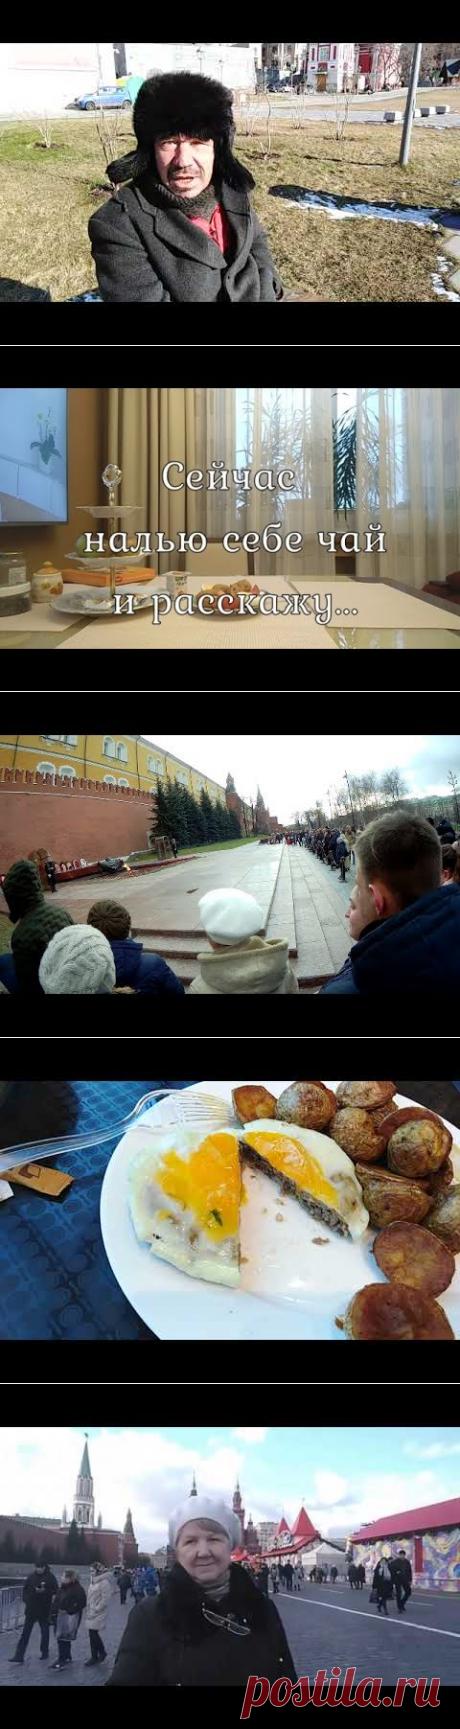 Бездомная личность в Москве. - YouTube